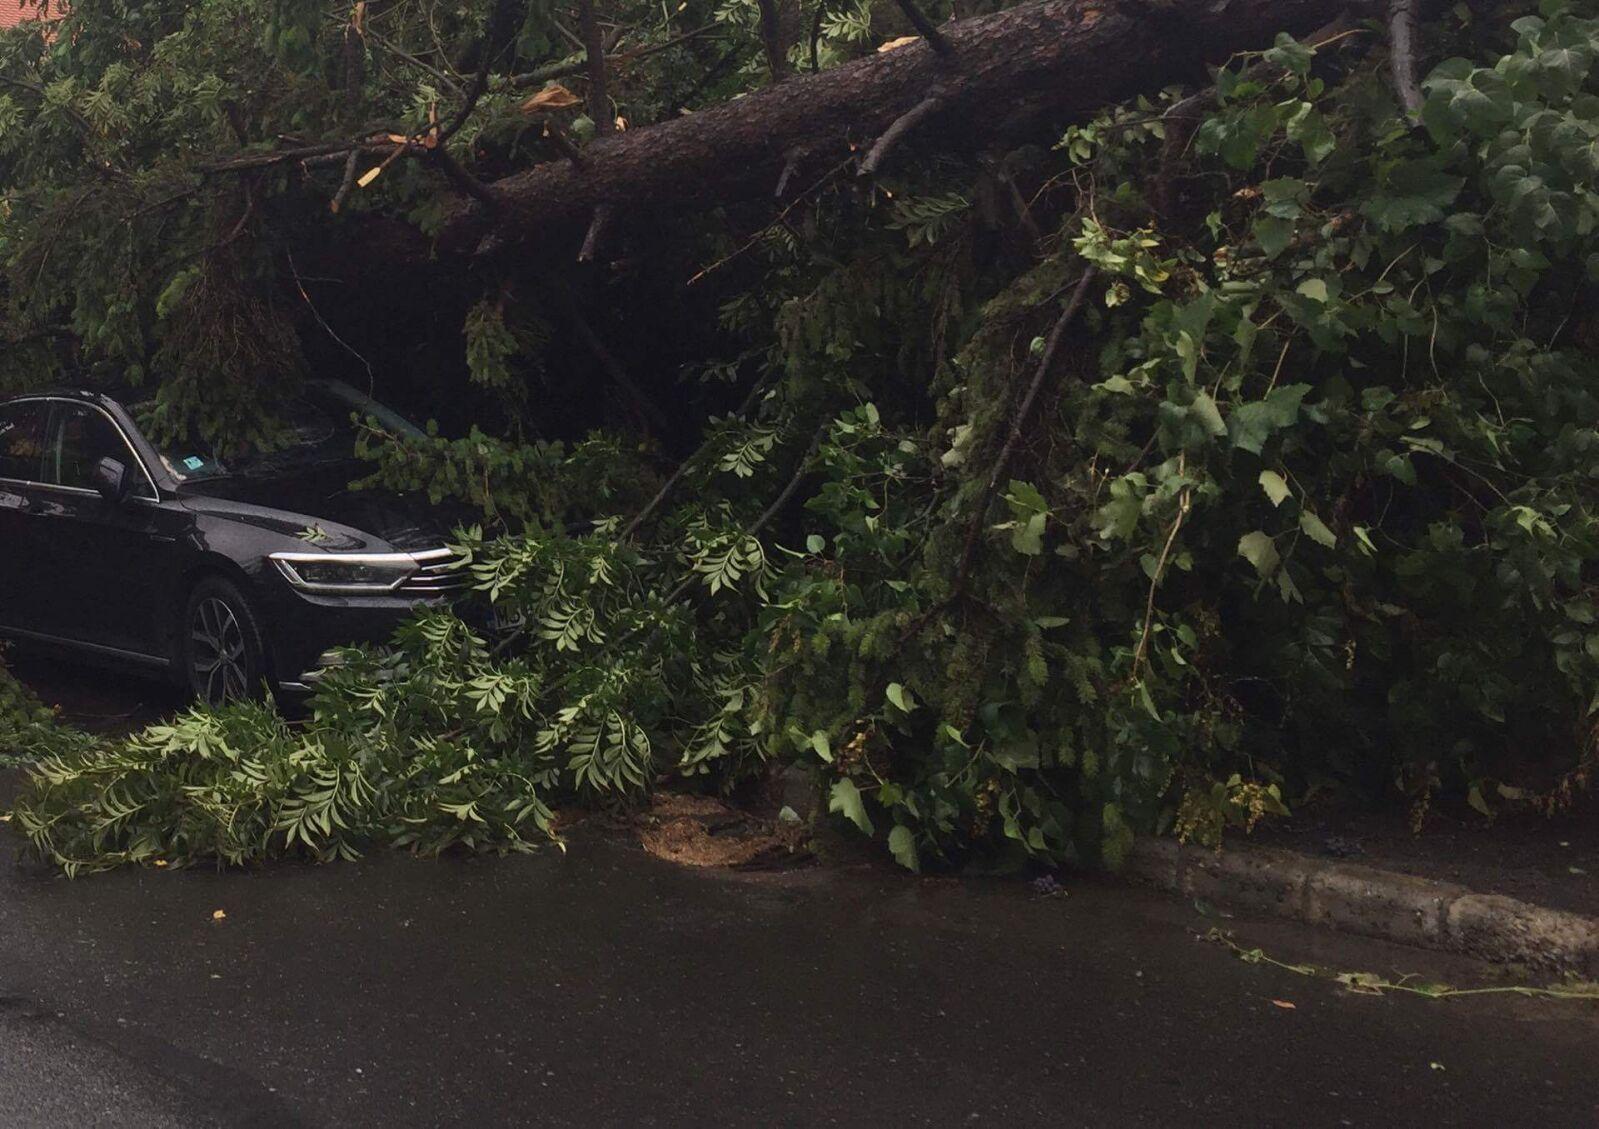 Bilanţ IGSU, după furtunile din România, din ultimele 24 de ore: aproape 200 de copaci doborâţi de vânt şi zeci de acoperişuri avariate. Cele mai multe situaţii de urgenţă, în Cluj